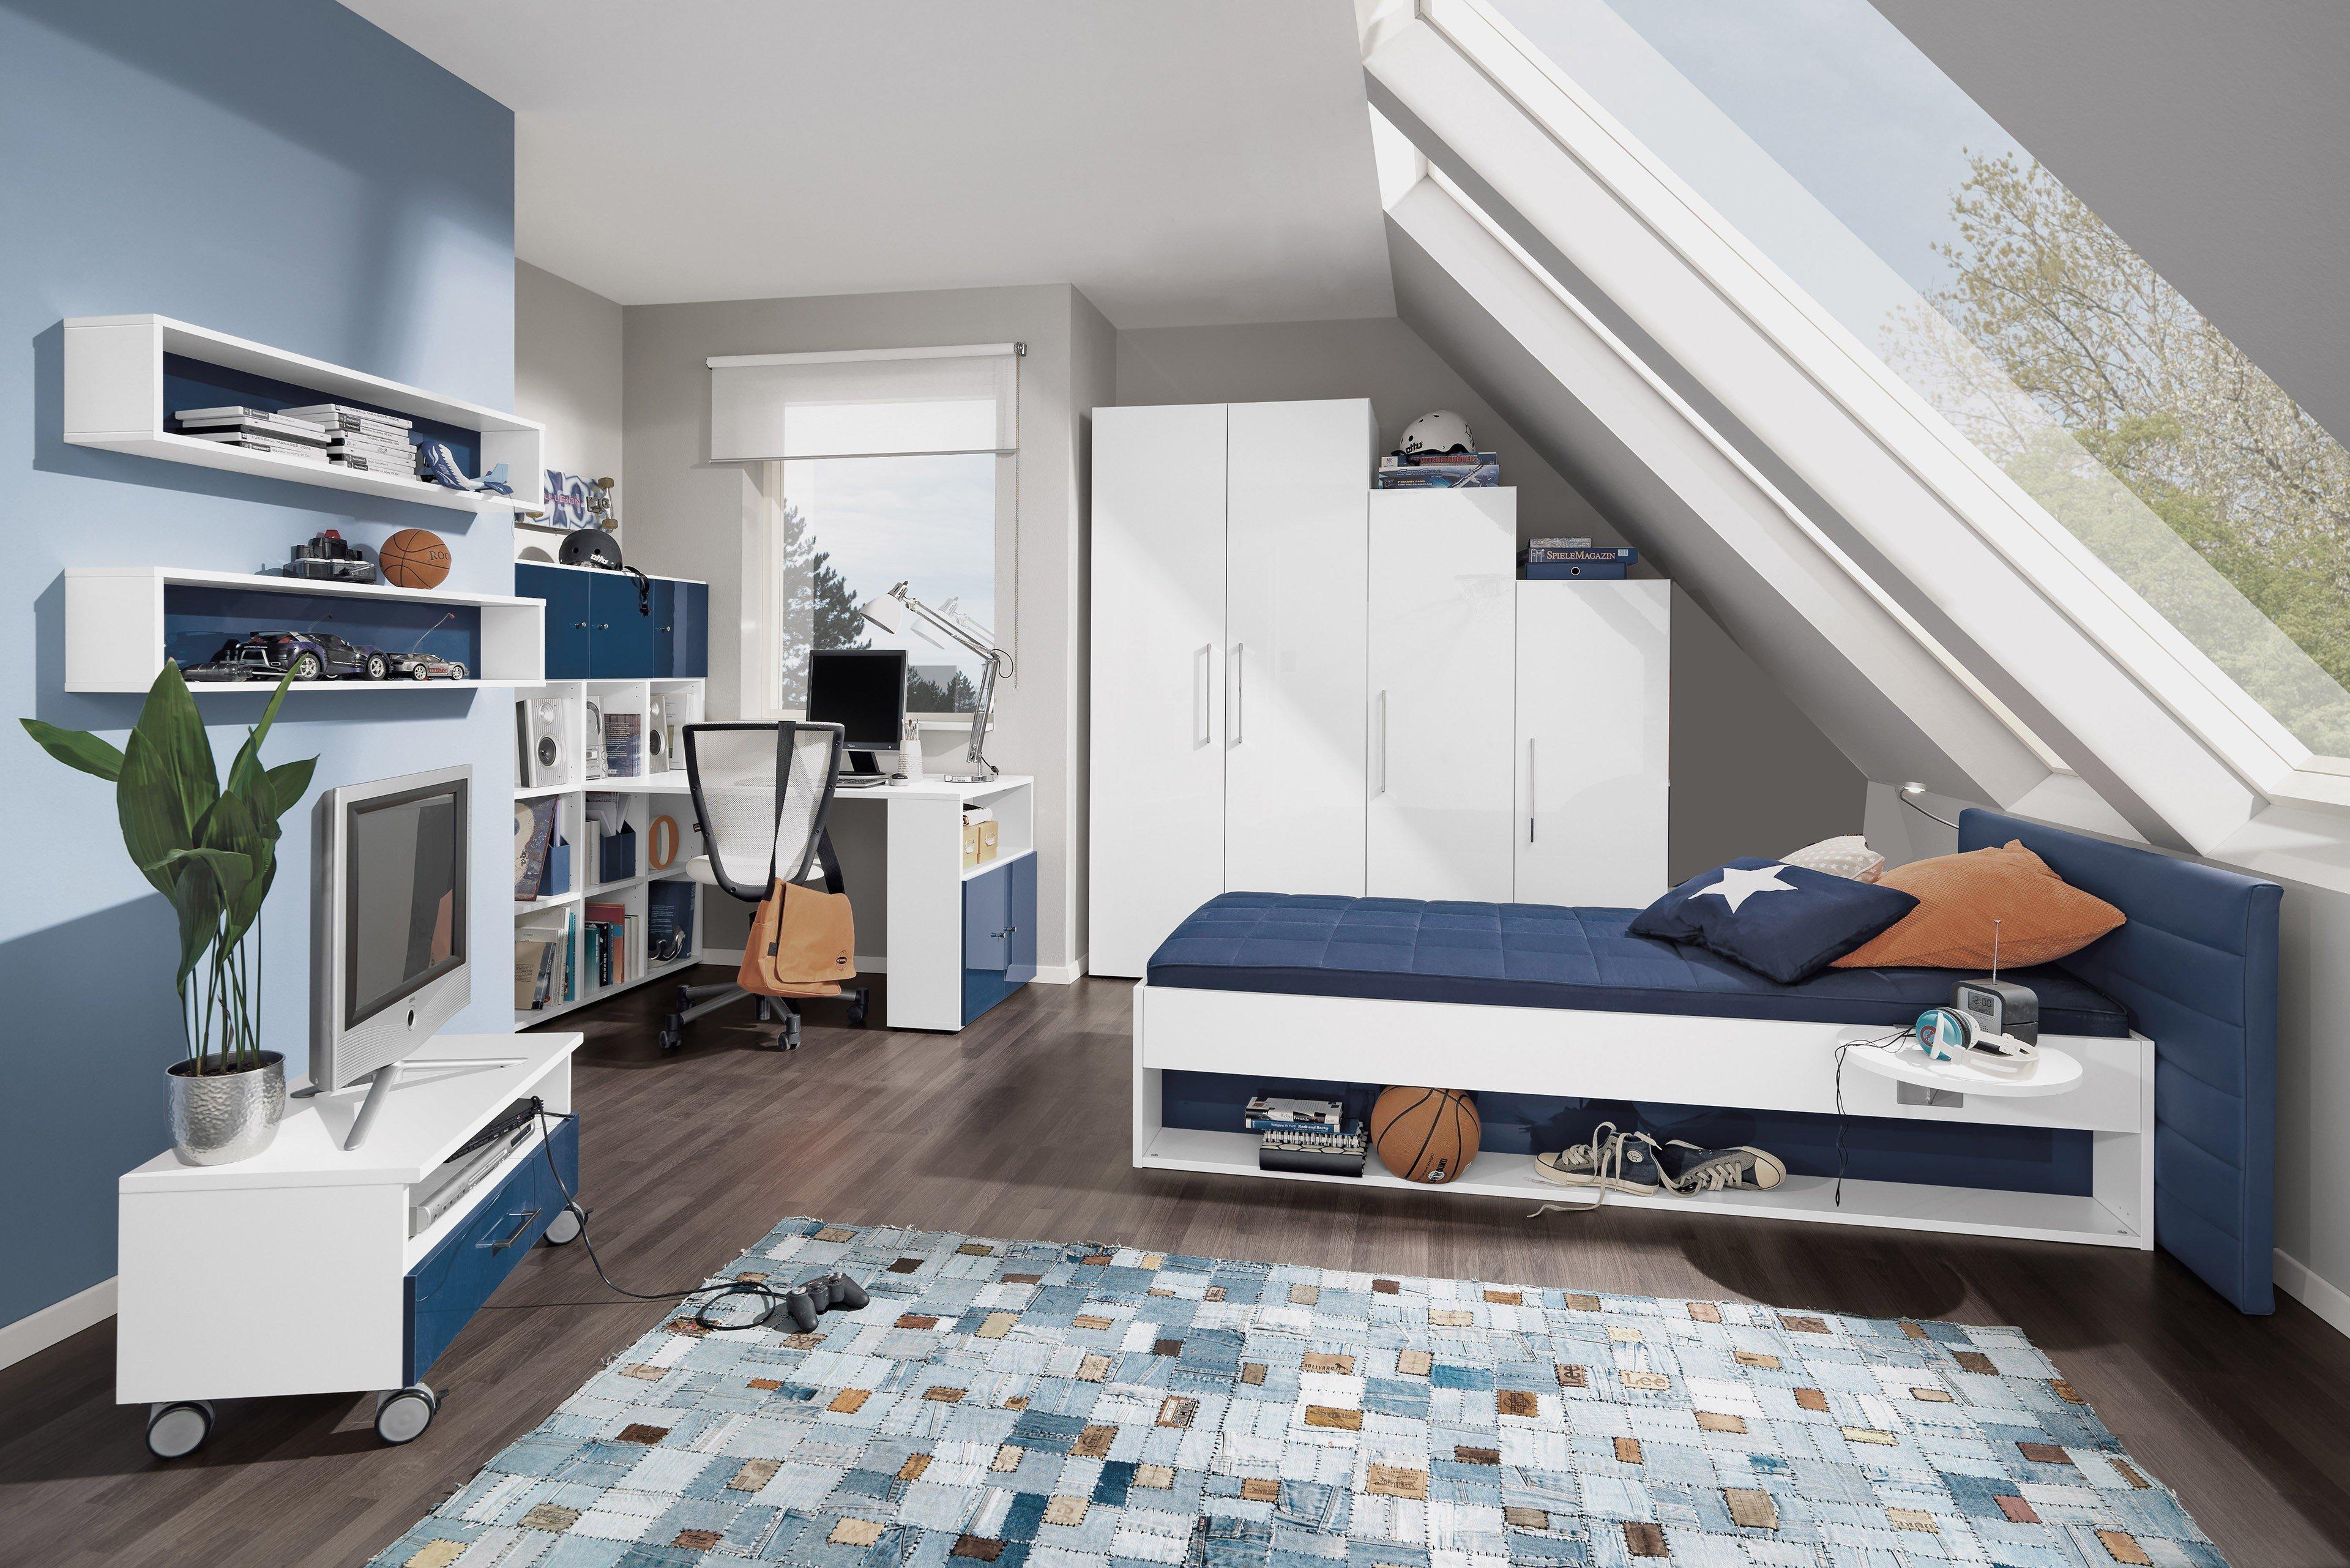 Jugendzimmer von wellem bel jugendwunder saphirblau for Jugendzimmer 12 jahre